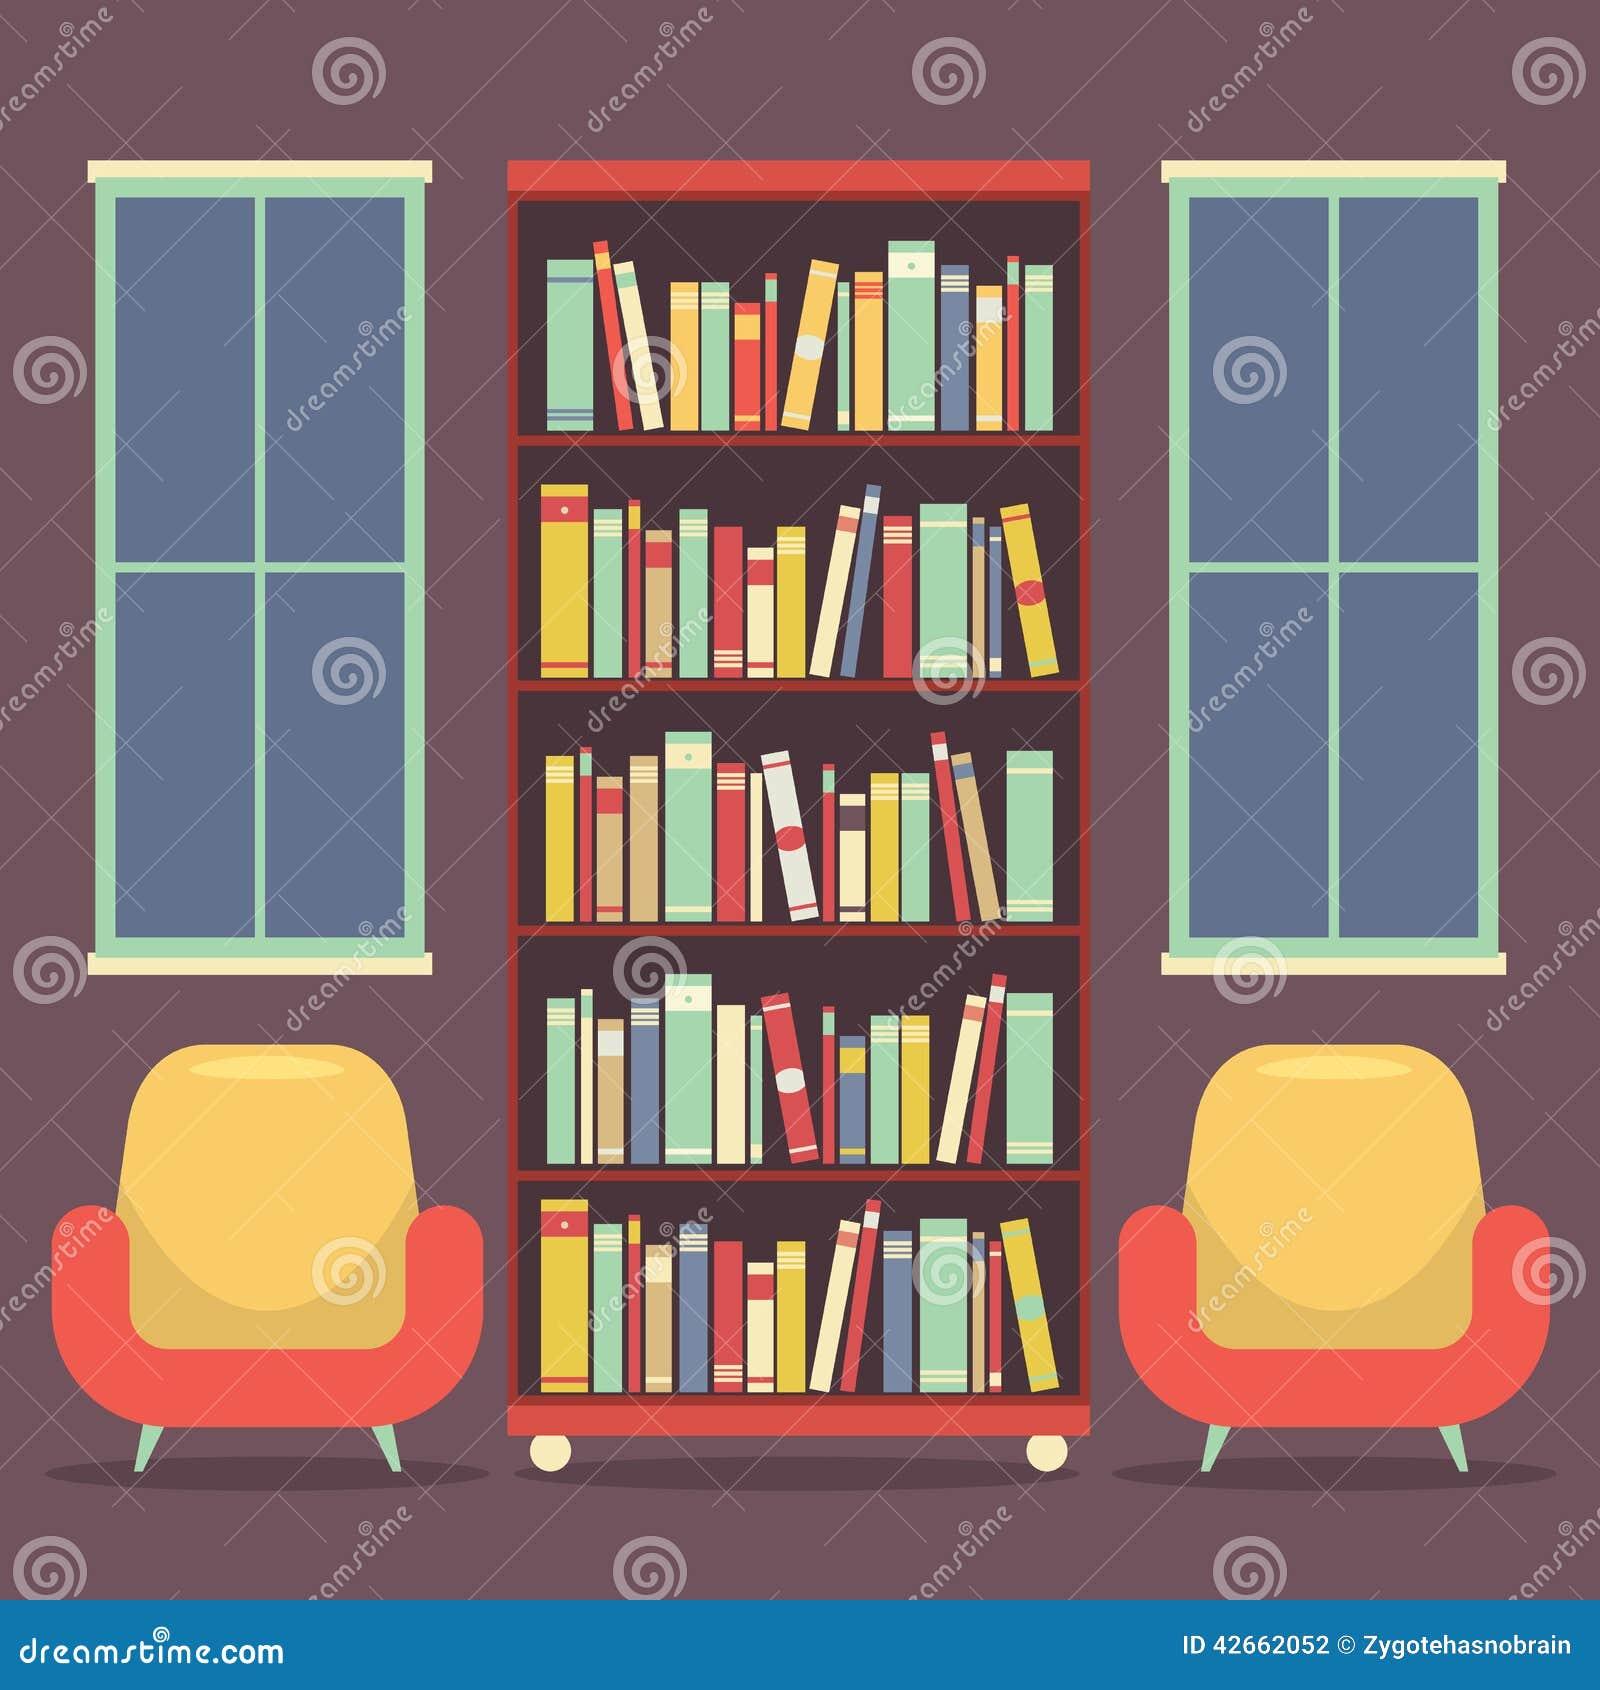 https://thumbs.dreamstime.com/z/de-vlakke-zetels-en-de-boekenkast-van-de-ontwerplezing-42662052.jpg